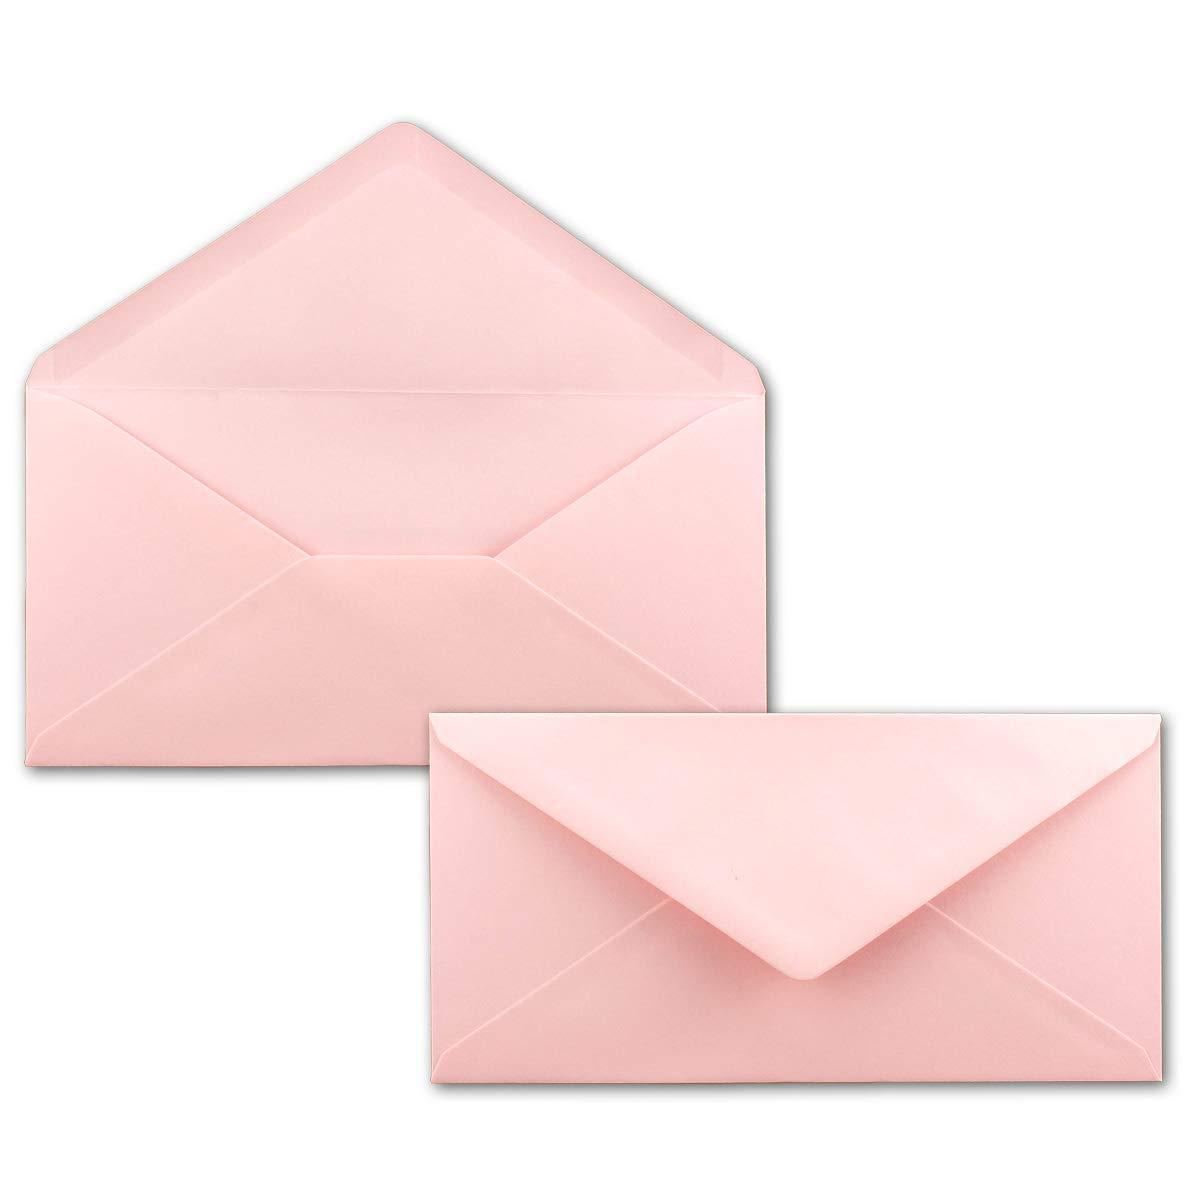 250 250 250 Brief-Umschläge Bronze Metallic DIN Lang - 110 x 220 mm (11 x 22 cm) - Nassklebung ohne Fenster - Ideal für Einladungs-Karten - Serie FarbenFroh® B06XFPP1CX   Spielen Sie Leidenschaft, spielen Sie die Ernte, spielen Sie die Welt  a0a06e